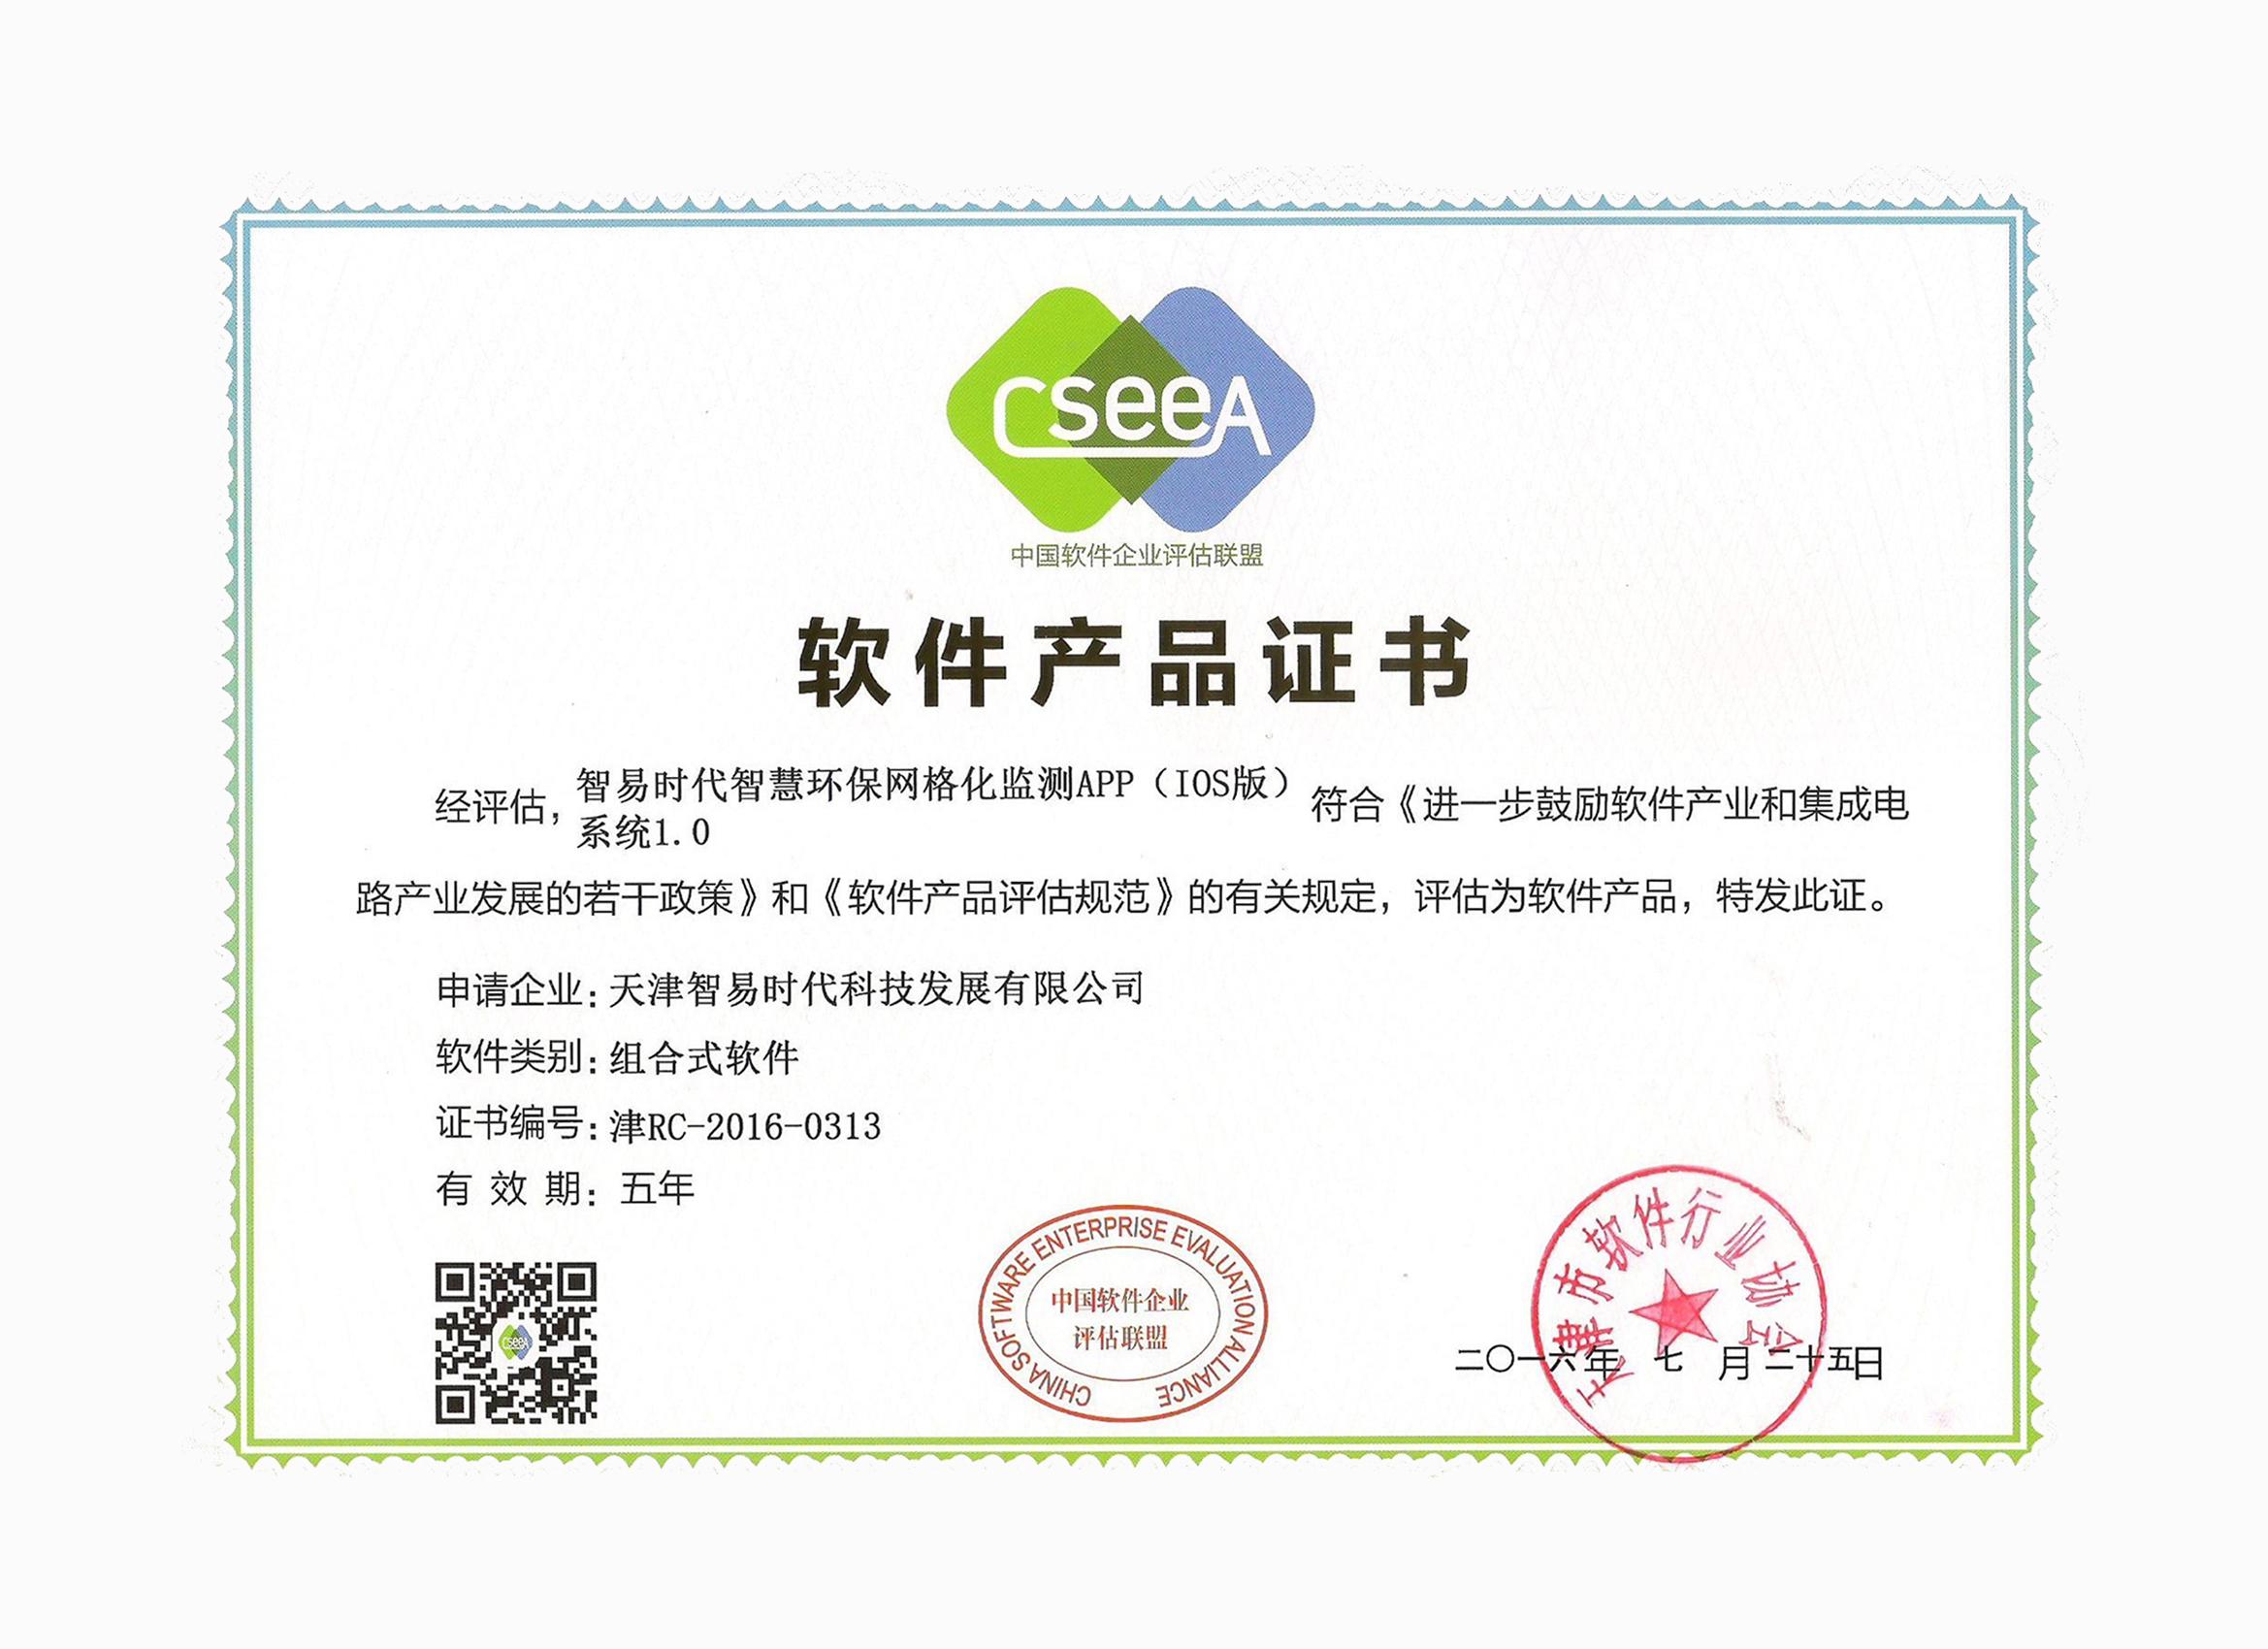 智易时代智慧环保网格化监测APP(IOS版)(1)